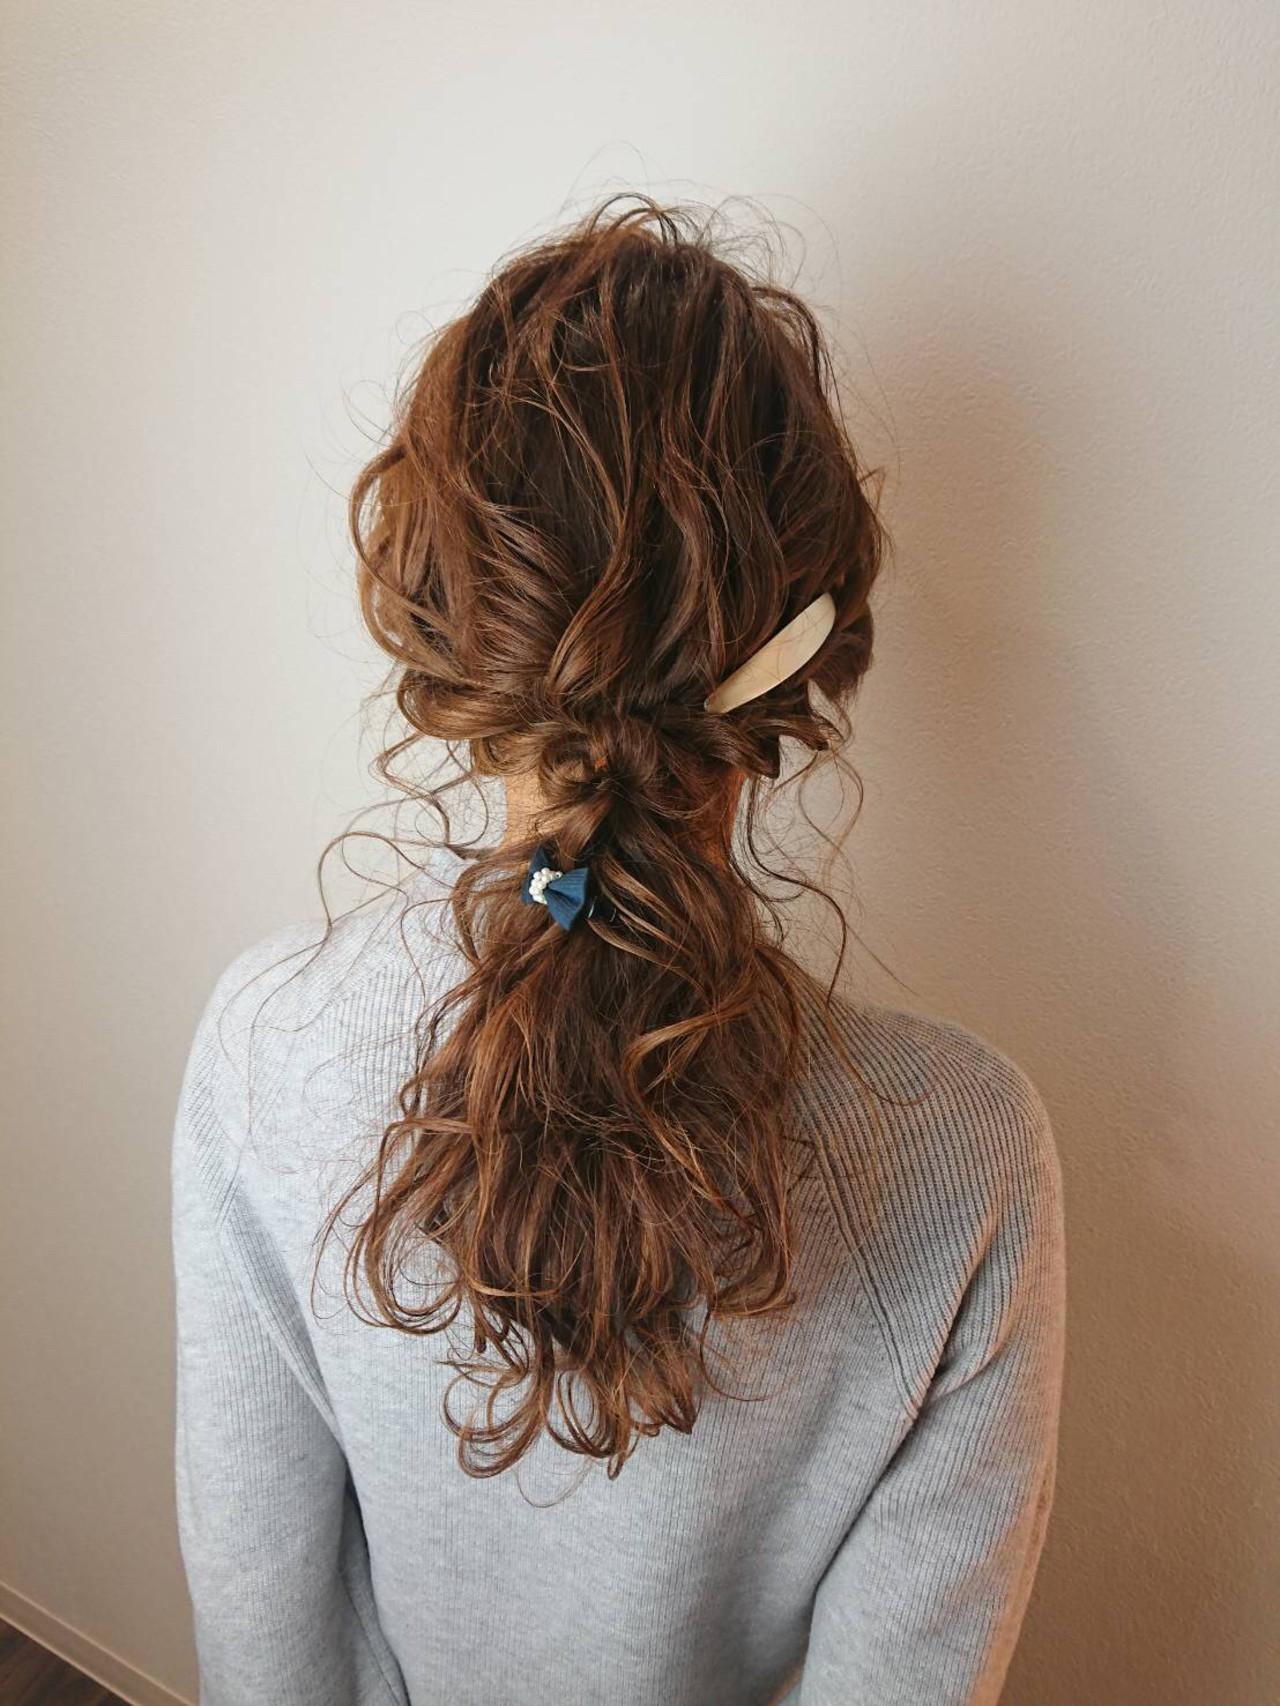 ロング ヘアアレンジ ゆるふわ 編みおろしヘア ヘアスタイルや髪型の写真・画像 | 成田 幸徳 / ActioN hair